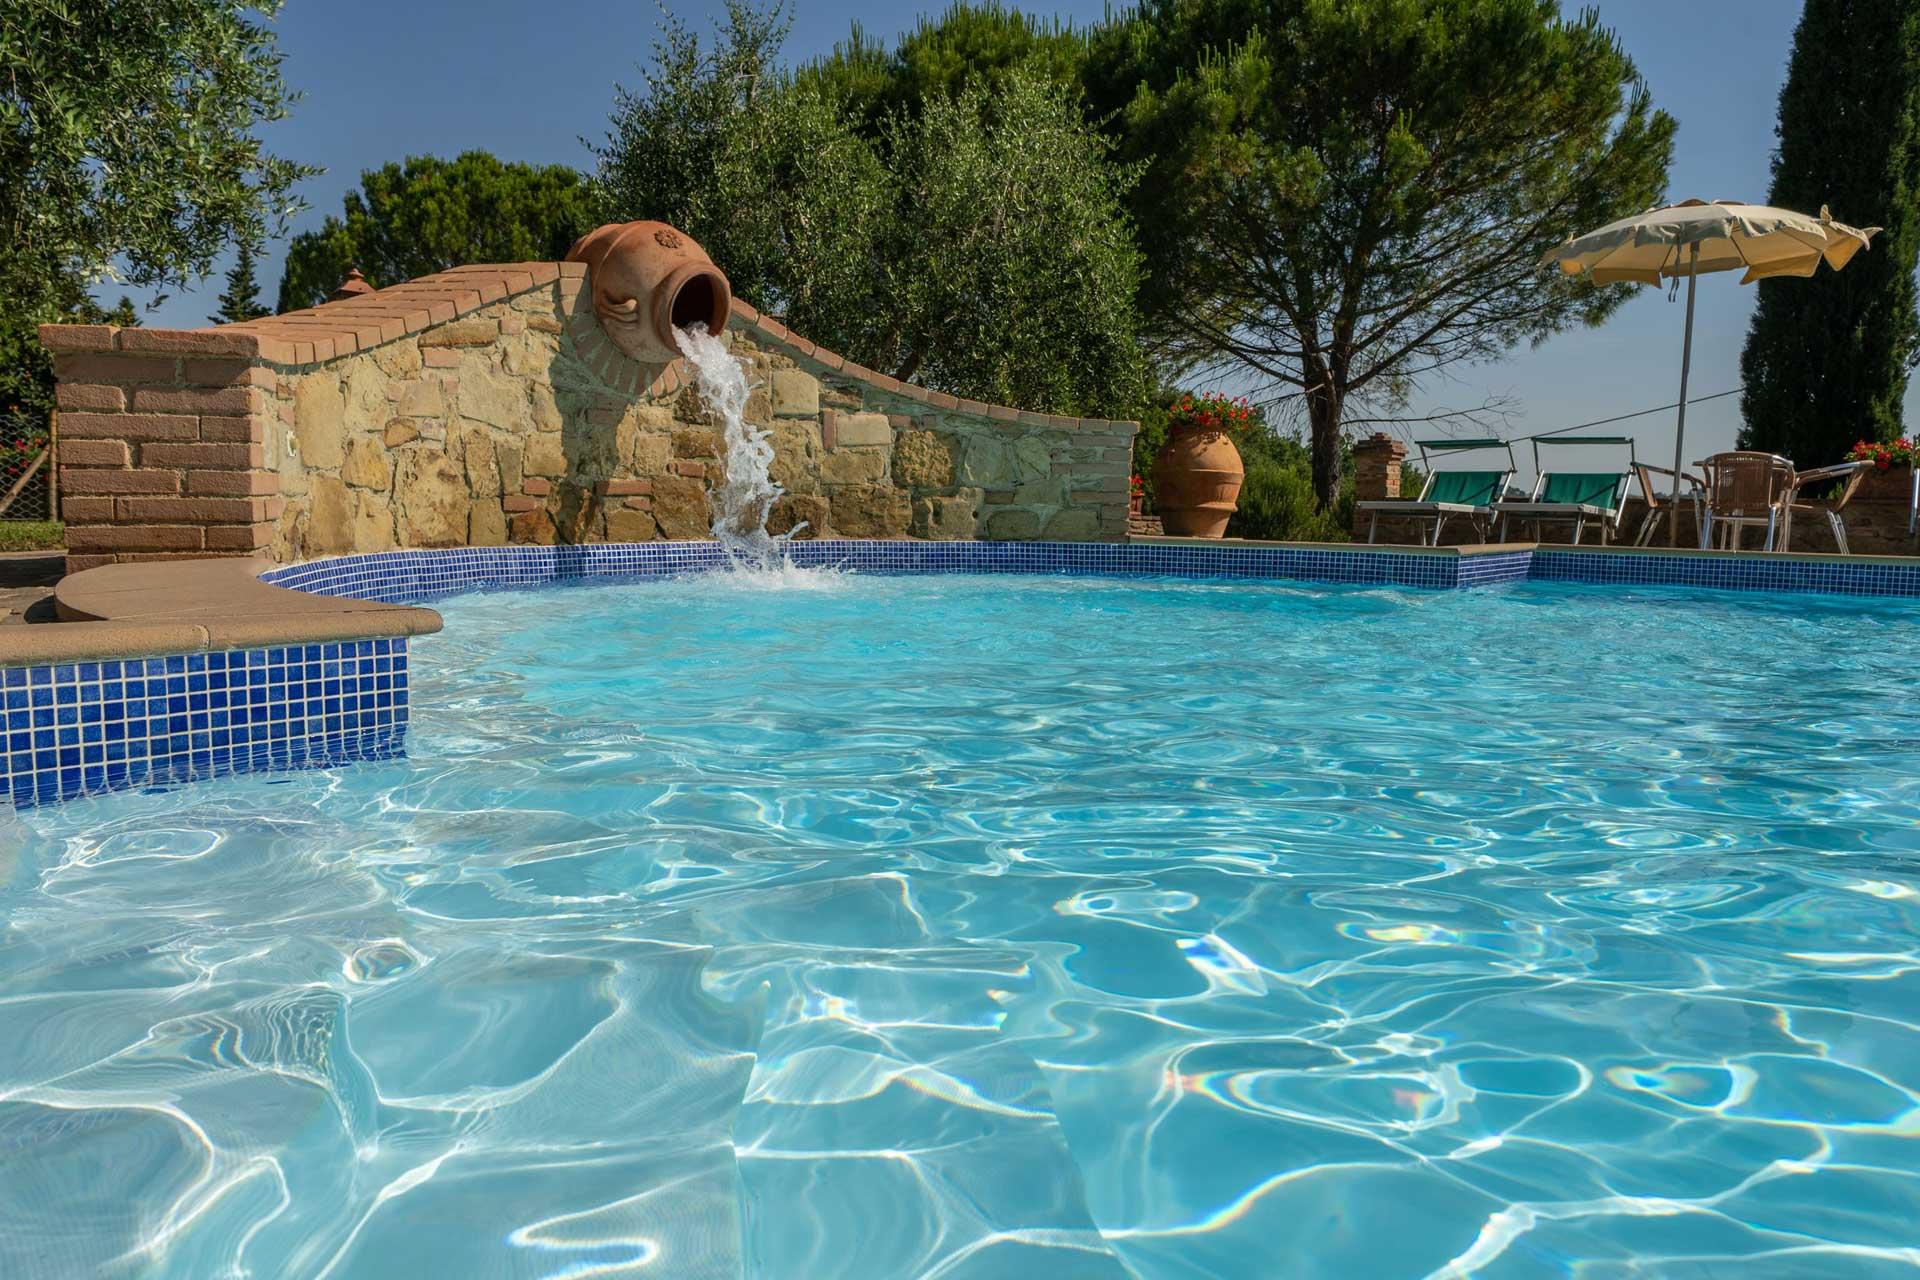 galleria-piscina-1